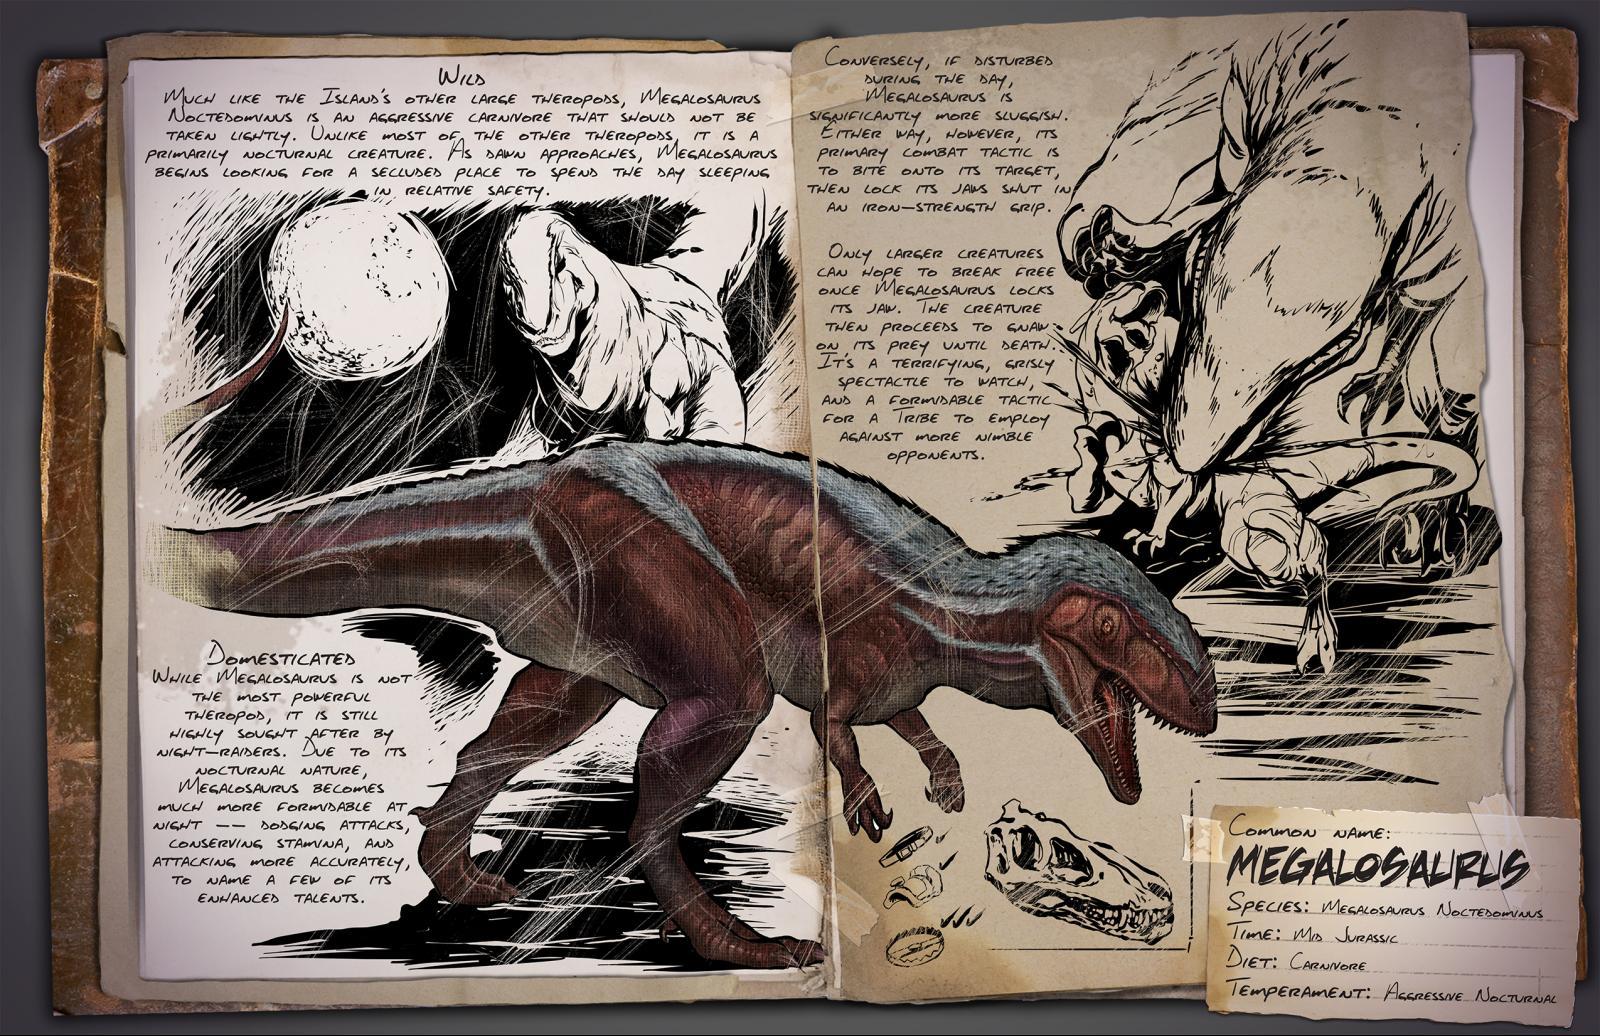 Dossier Megalosaurus.jpg